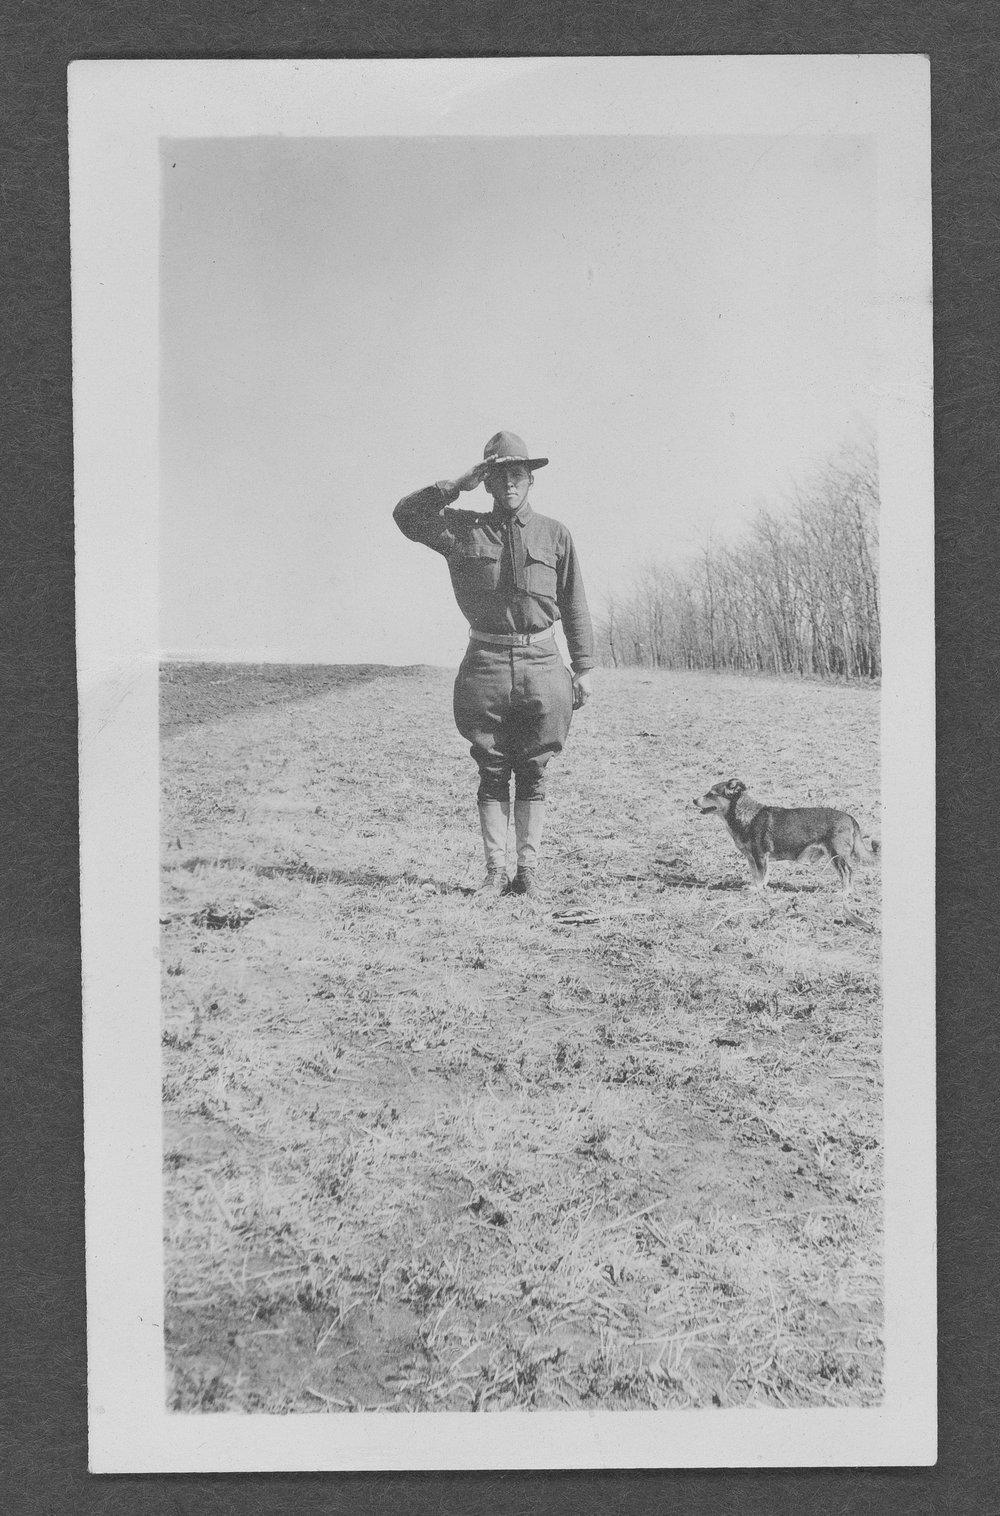 William F. Scheufler, World War I soldier - 1